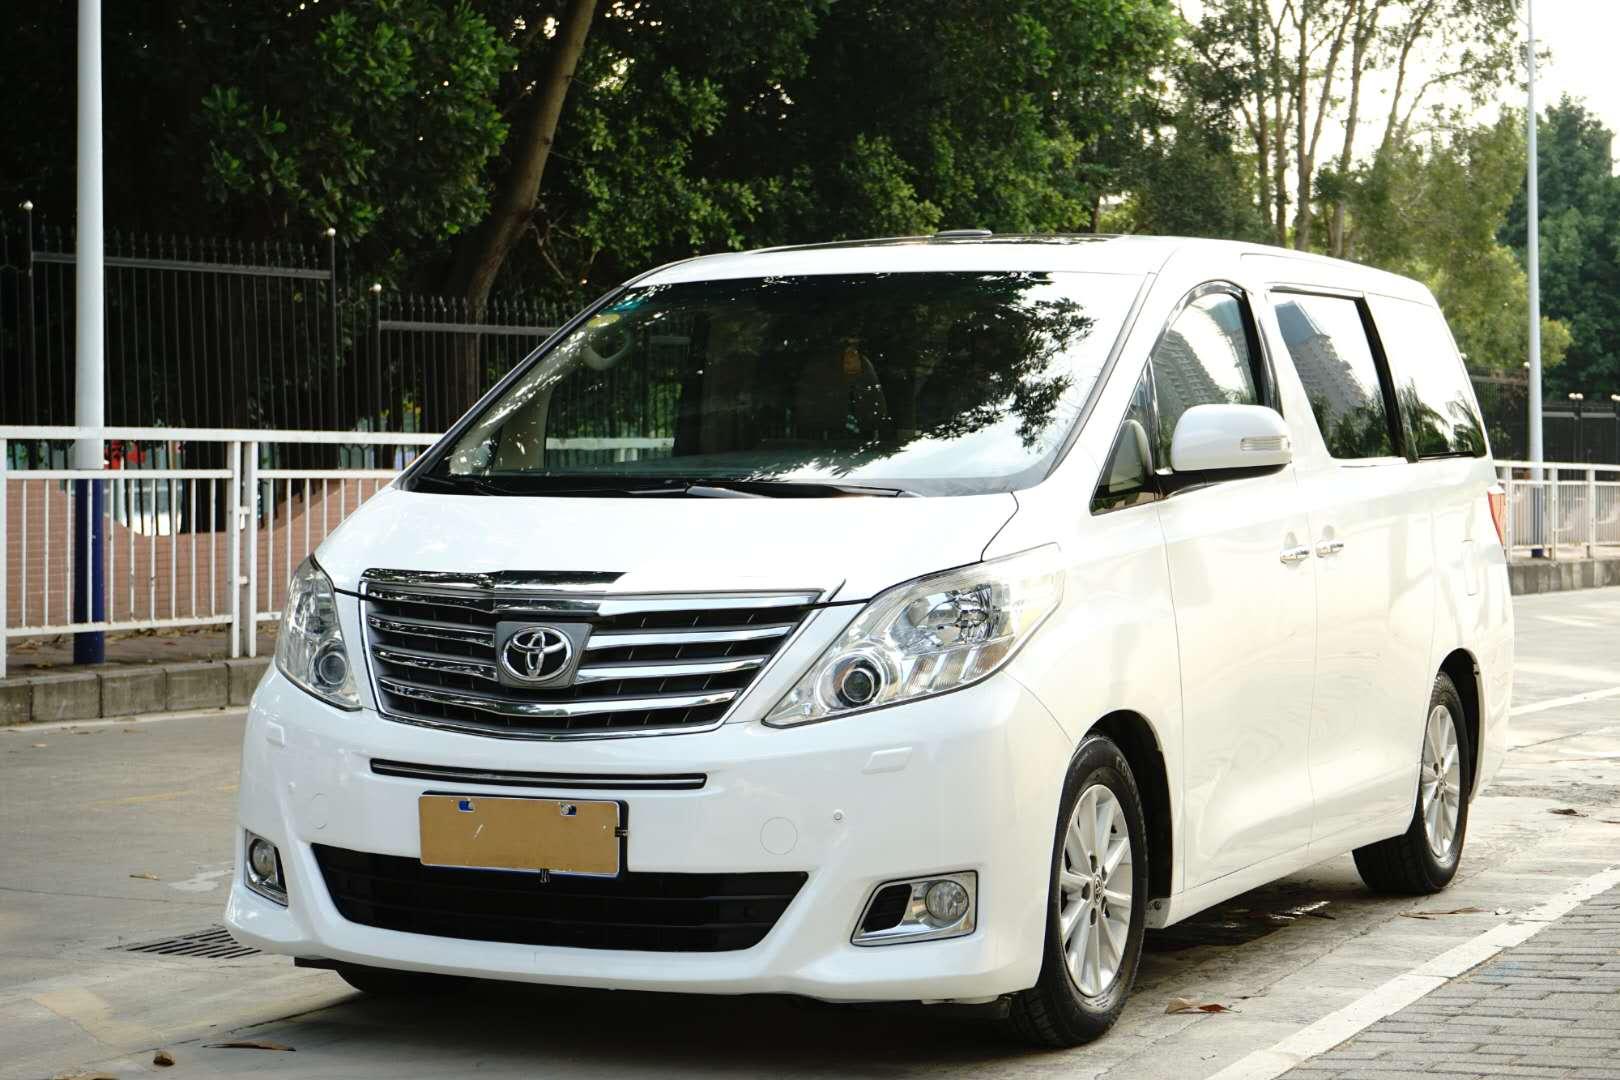 丰田埃尔法 2012款 3.5L 豪华版